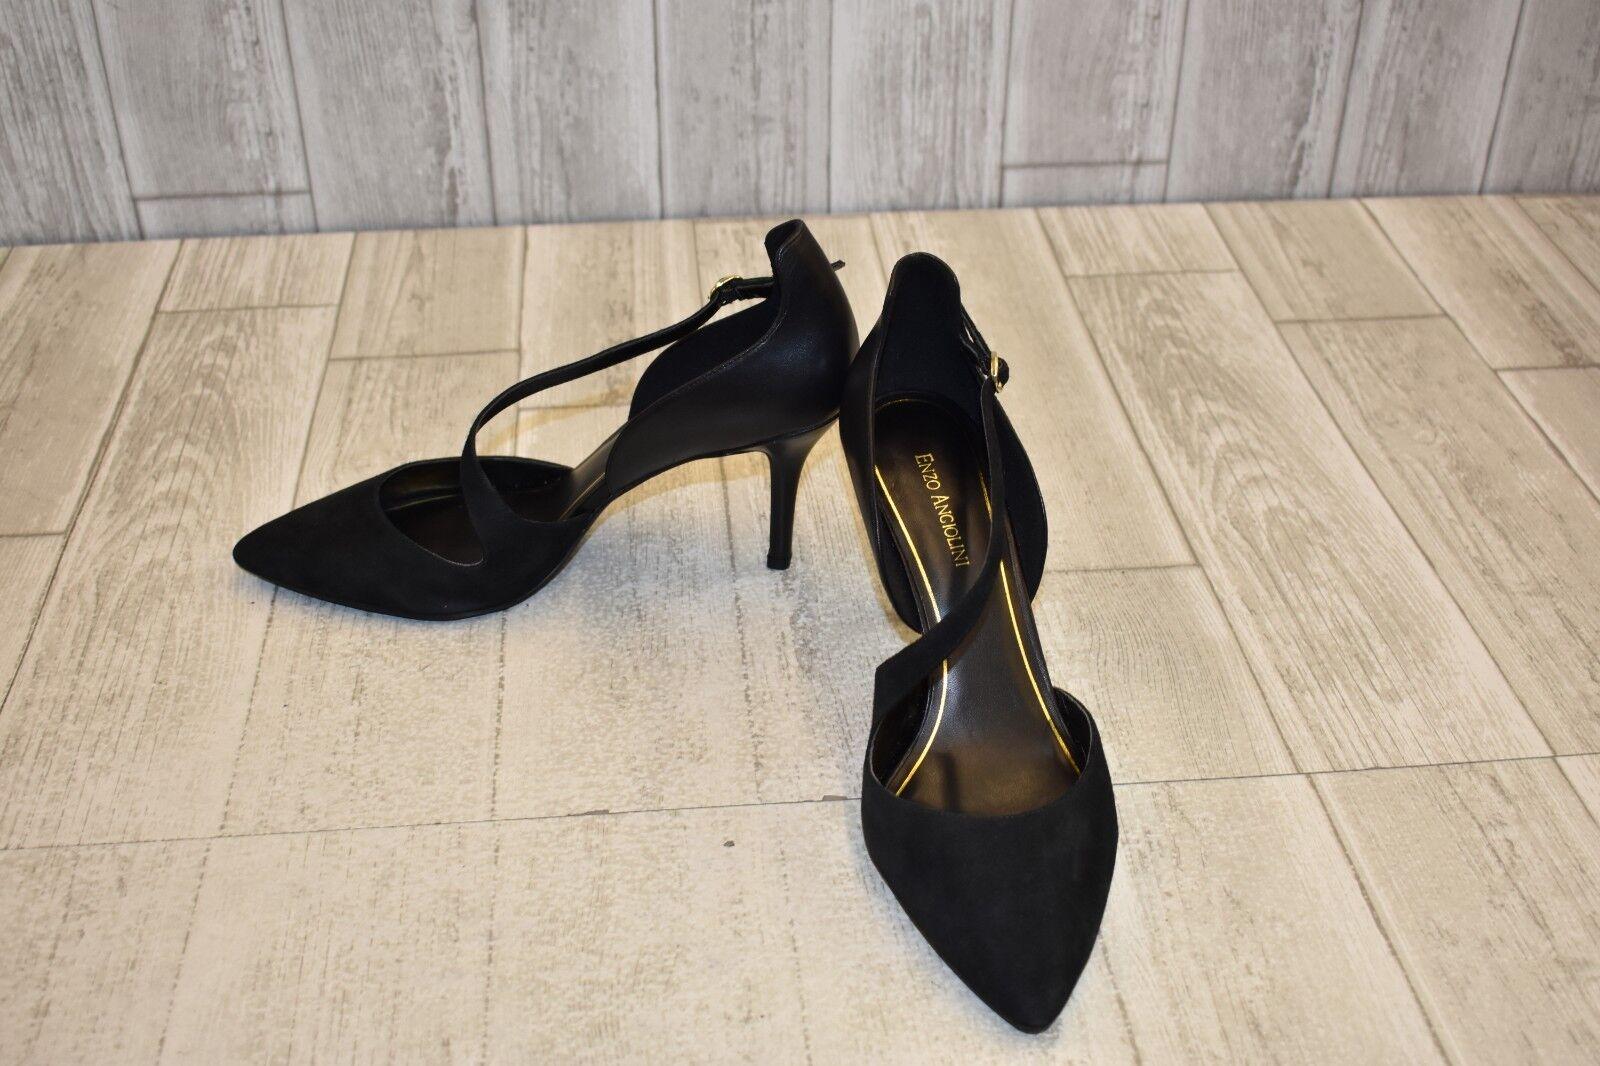 spedizione veloce a te Enzo Angiolini- Czarlita Czarlita Czarlita Sandals, Donna  Dimensione 11 M, nero  seleziona tra le nuove marche come